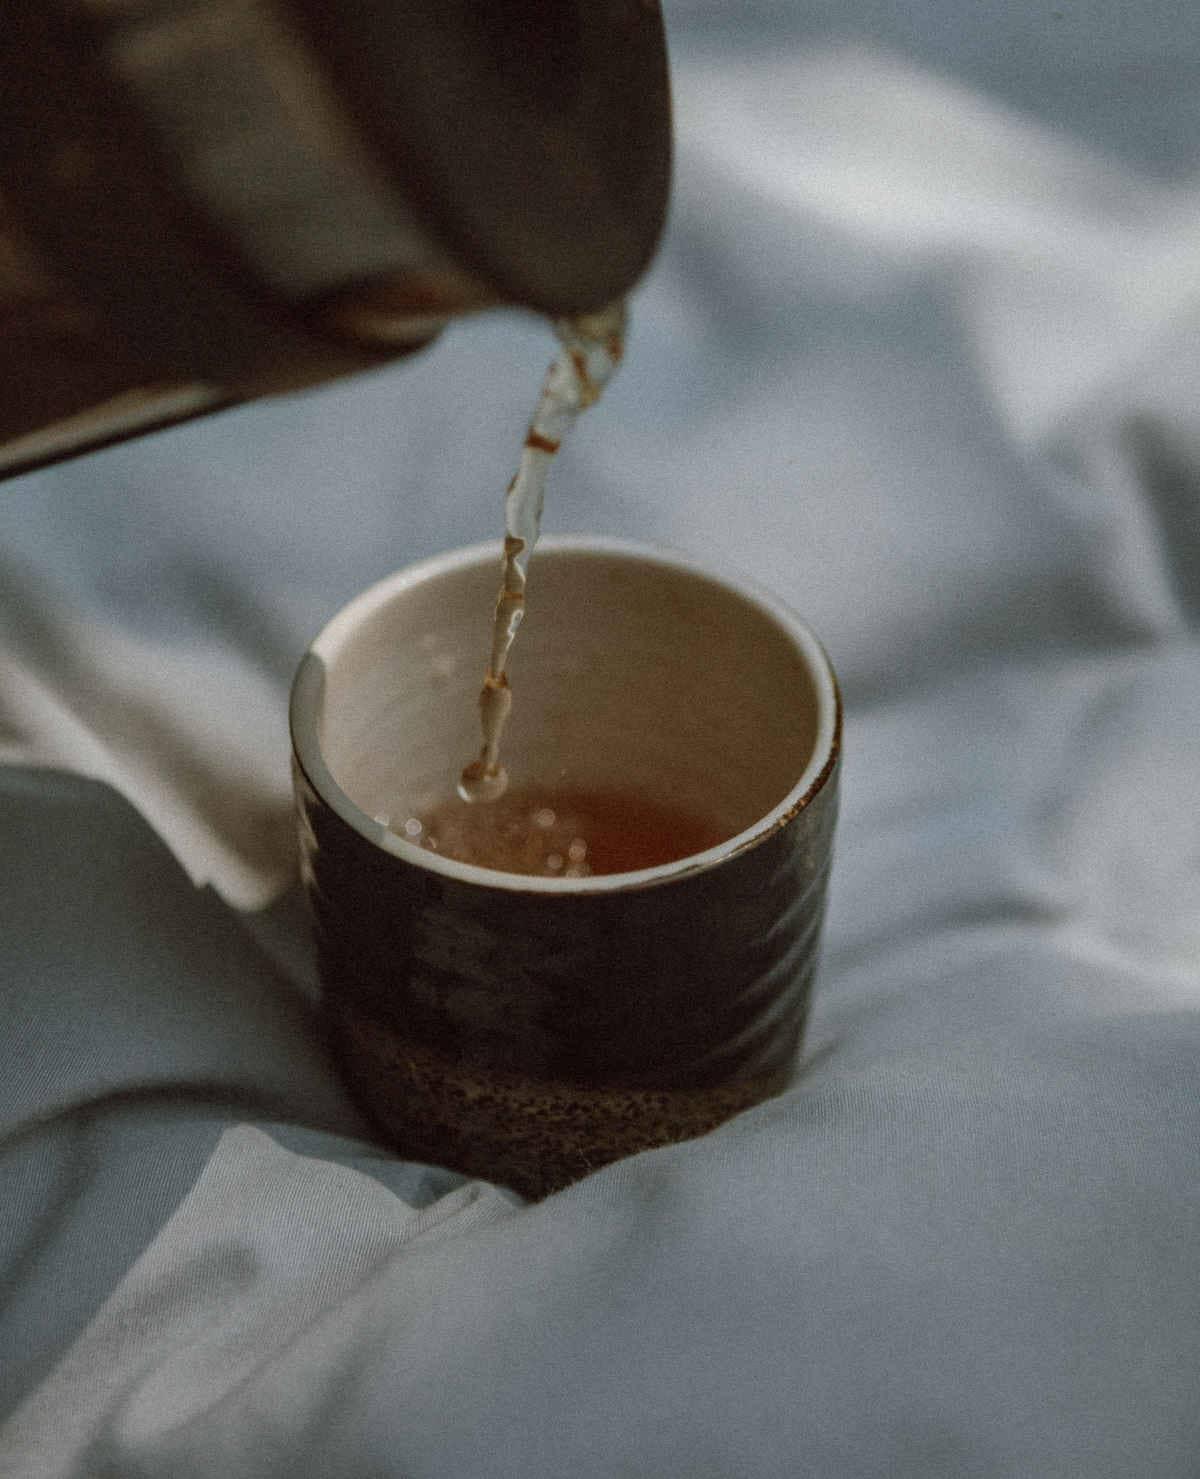 vertiendo té en una taza japonesa